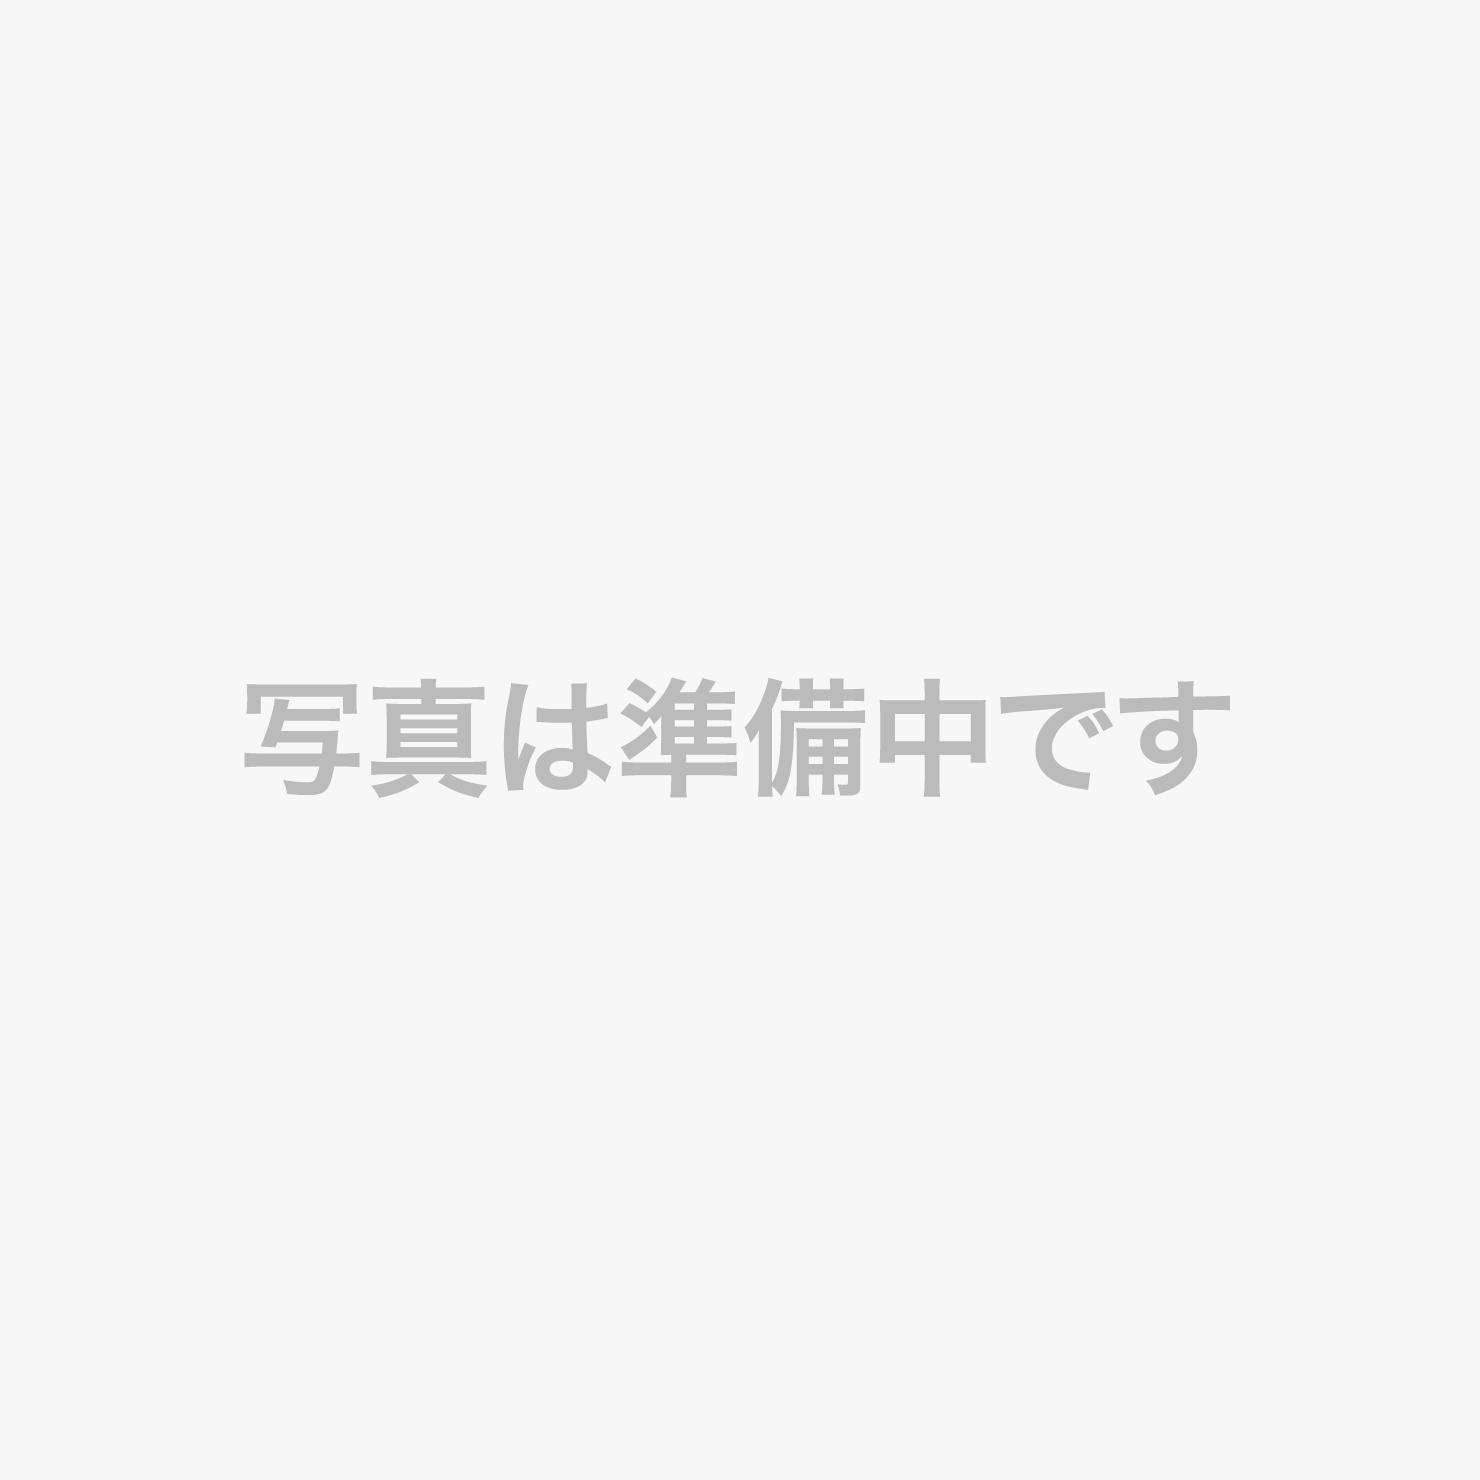 【インターネットコーナー】観光地の情報検索にもお役立ち!